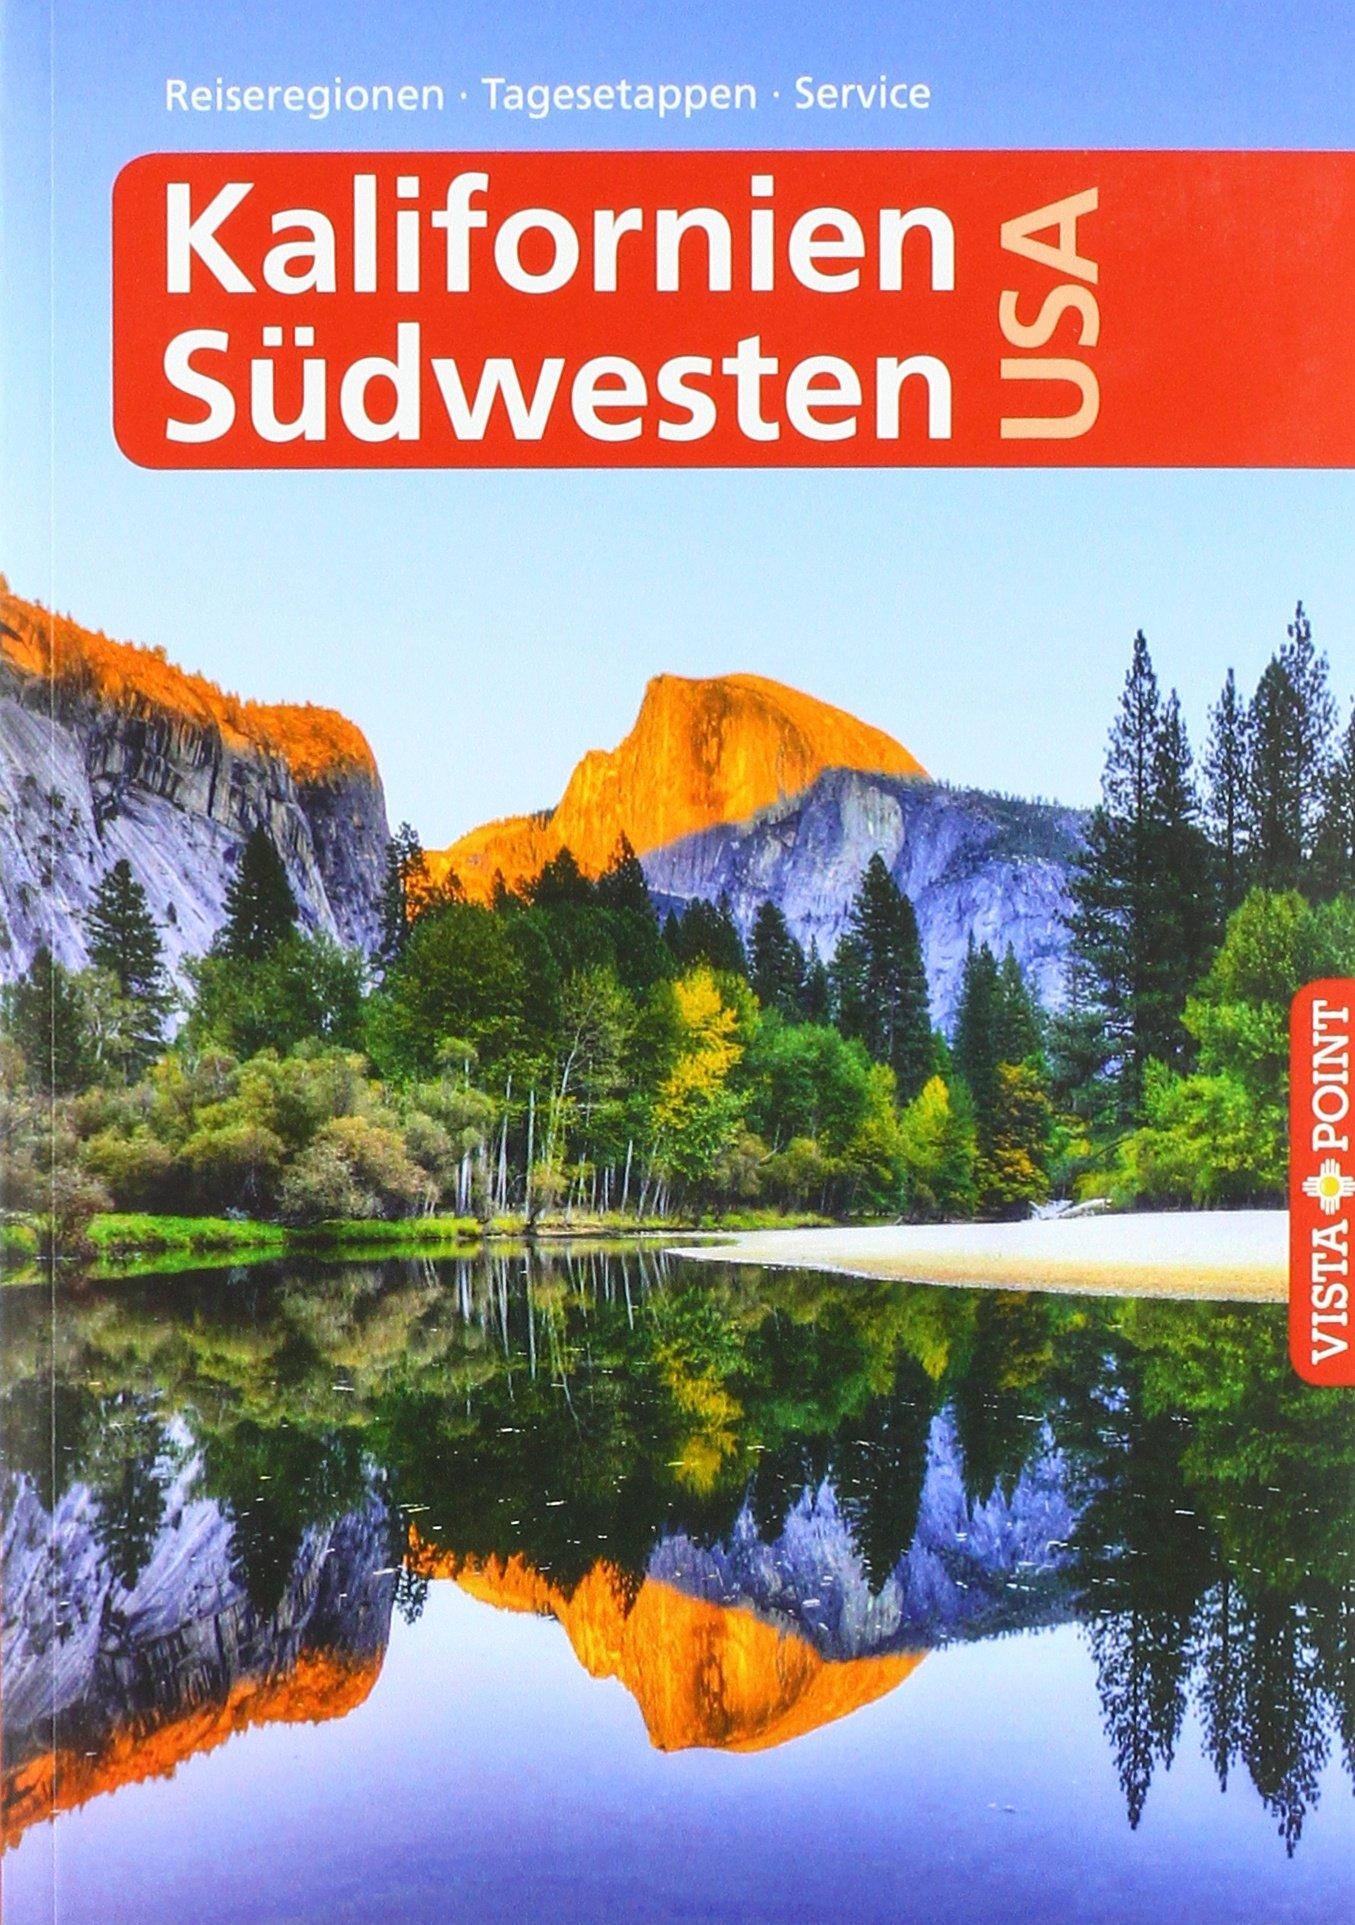 Kalifornien & Südwesten USA - VISTA POINT Reiseführer A bis Z (Reisen A bis Z) Taschenbuch – 26. März 2018 Horst Schmidt-Brümmer Carina Sieler 3961412715 Nordamerika (USA und Kanada)